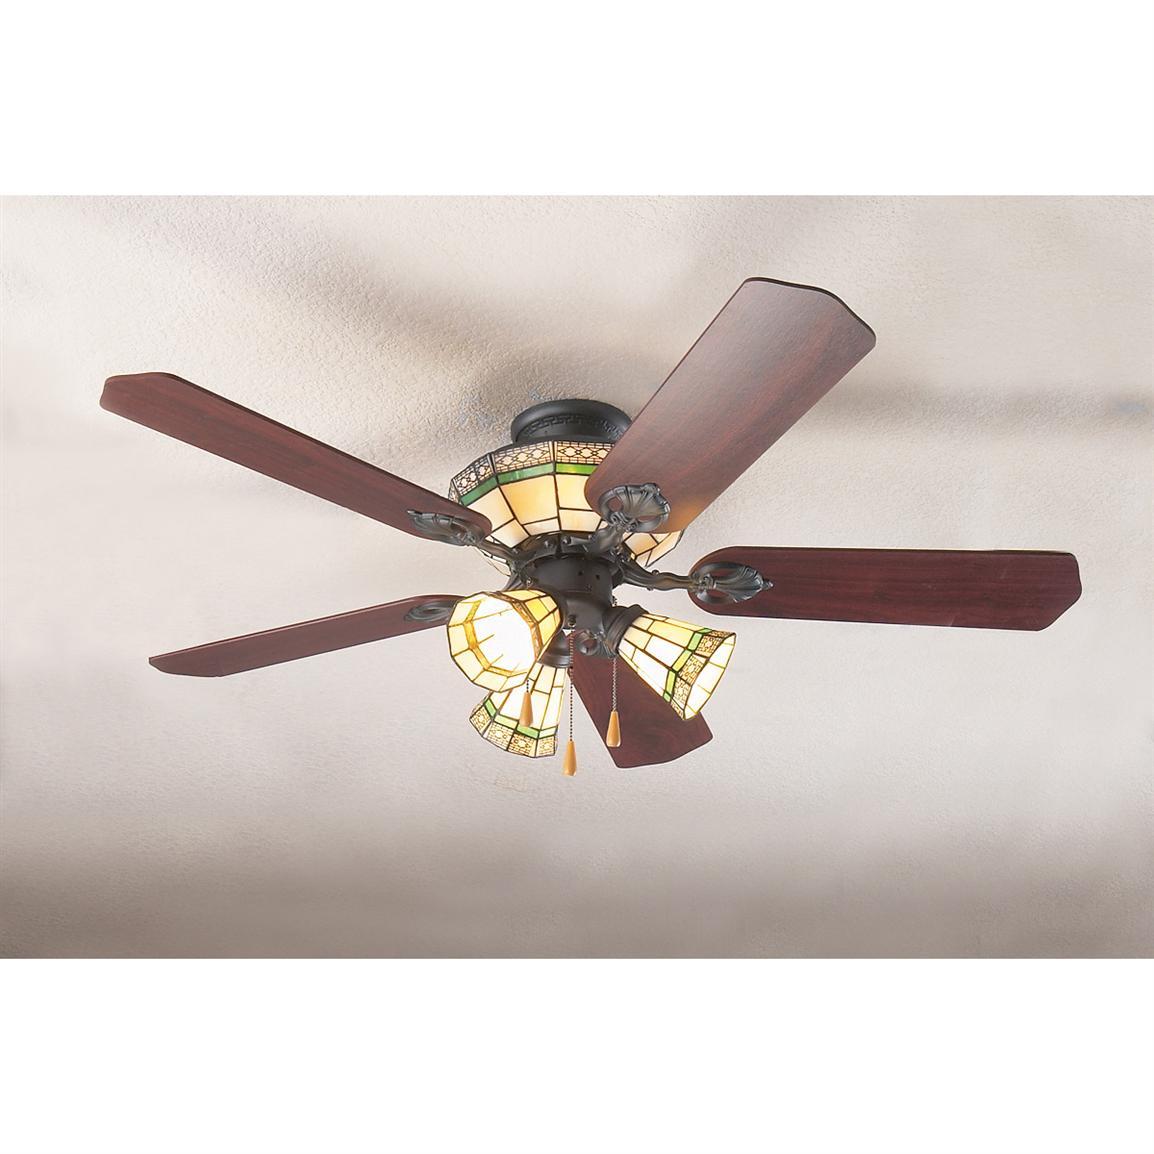 Ceiling Fan Tiffany: ceiling fan tiffany photo - 2,Lighting